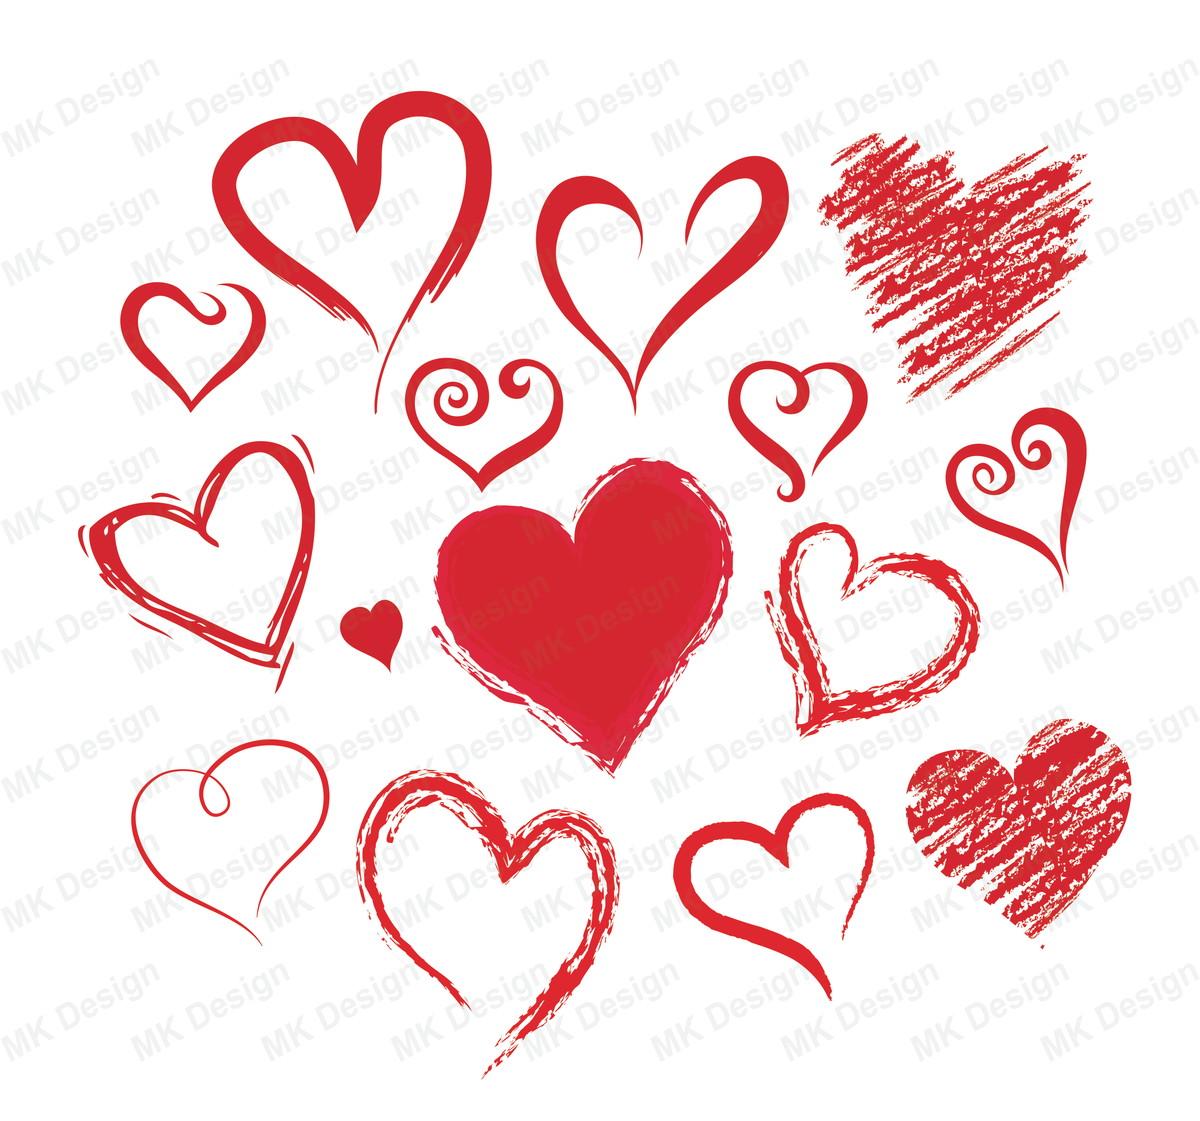 Vetor Coração No Elo7